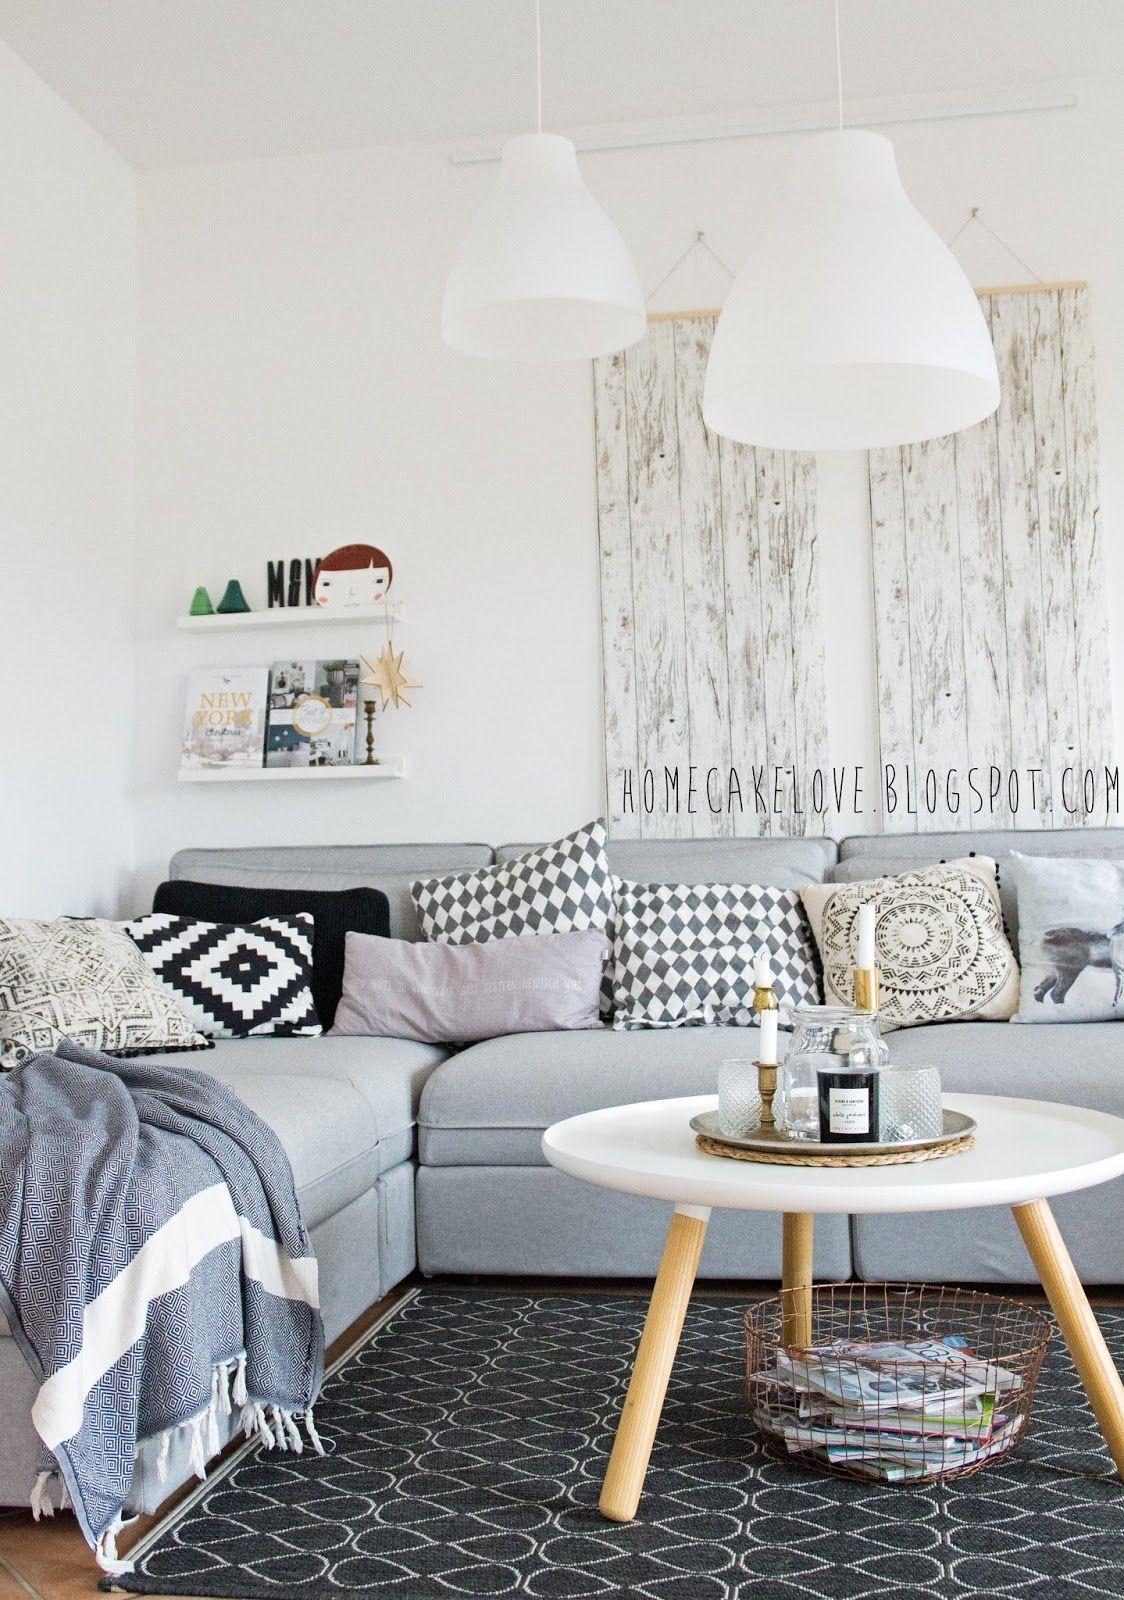 Ikeasofa, Neues Sofa Von Ikea, Vallentuna Von Ikea, Sofa In Grau,  Skandinavisch